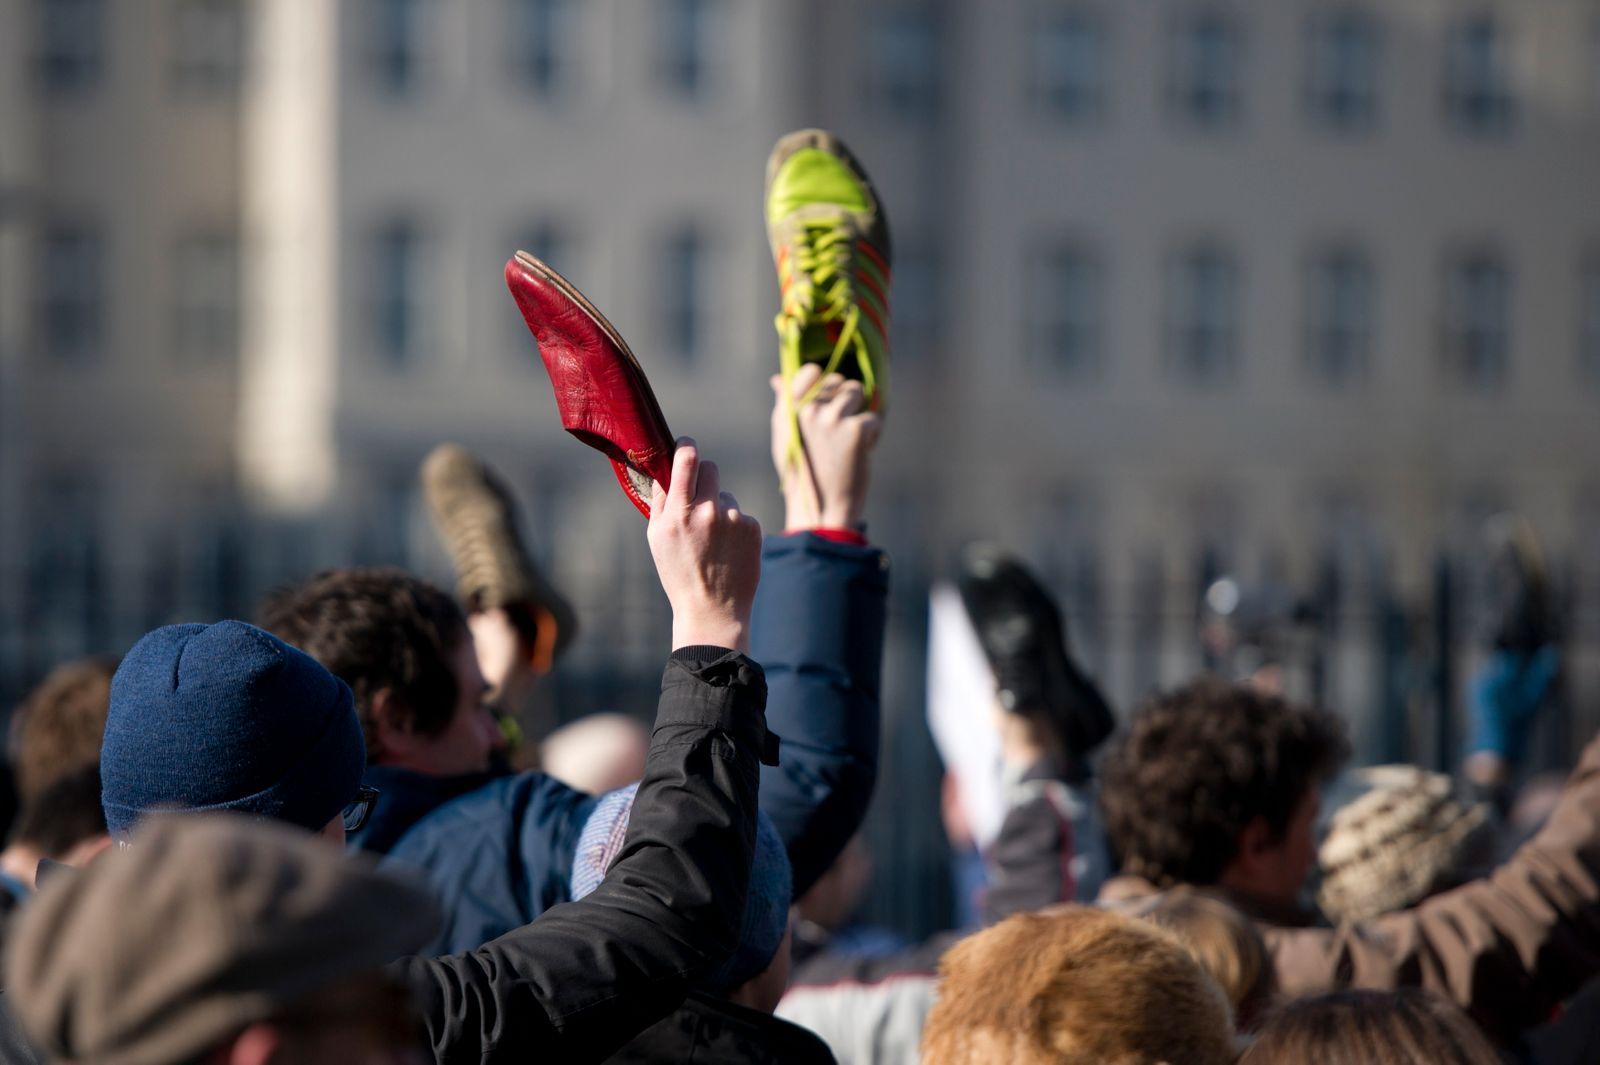 NICHT VERWENDEN Guttenberg / Demonstration / Berlin